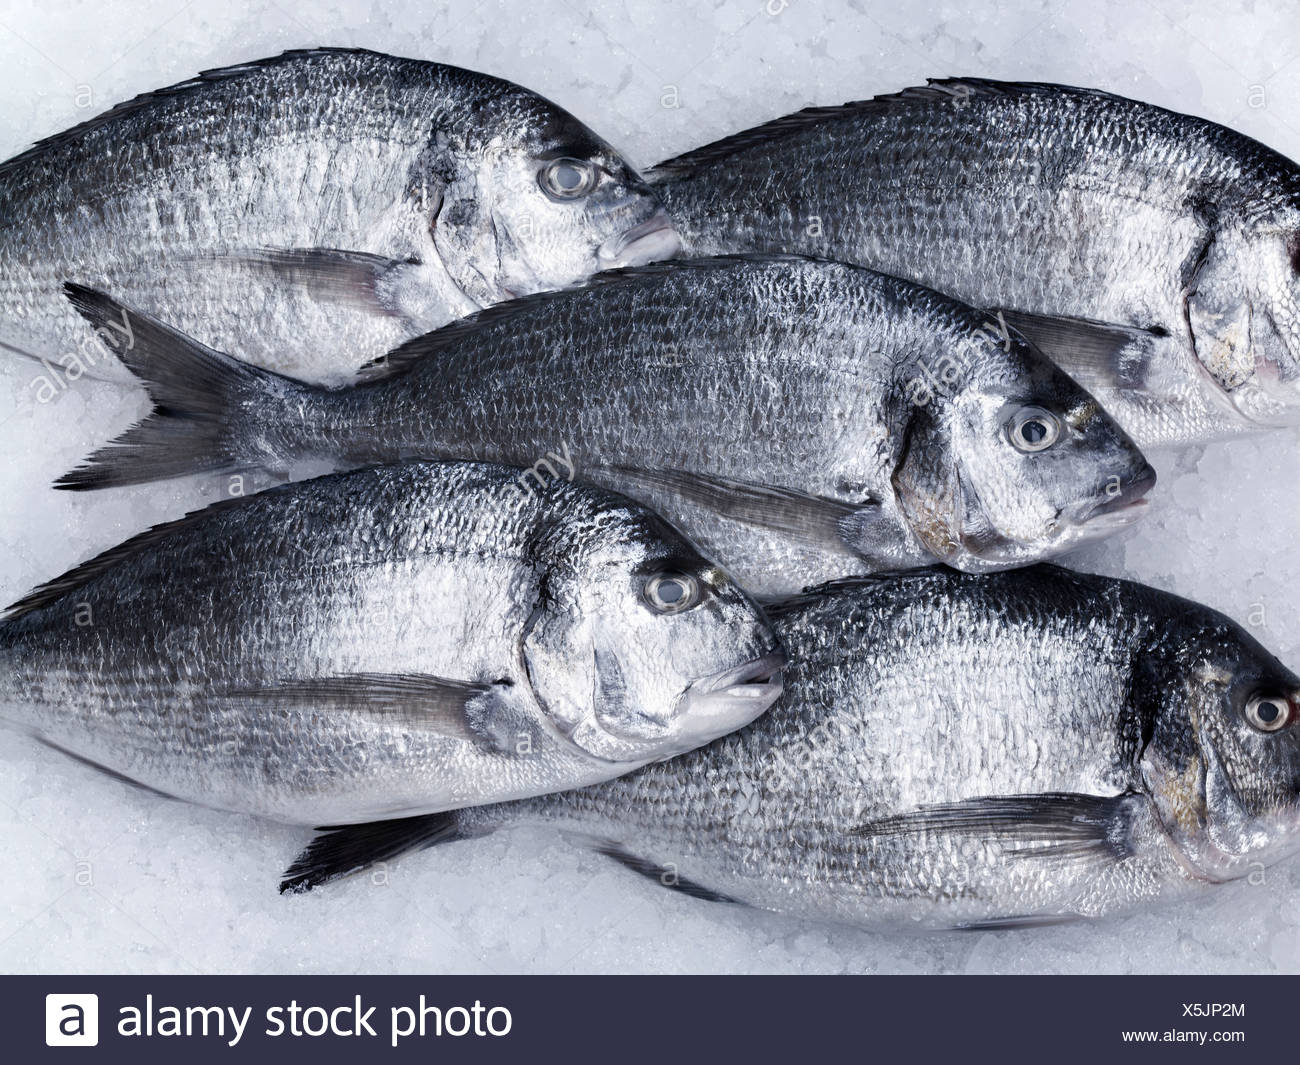 Close up,Animaux,image,couleur,refroidissement poisson mort,les poissons,le poisson sur la glace,cinq animaux,cinq objets,formation,frais,l'alimentation saine,haute Photo Stock